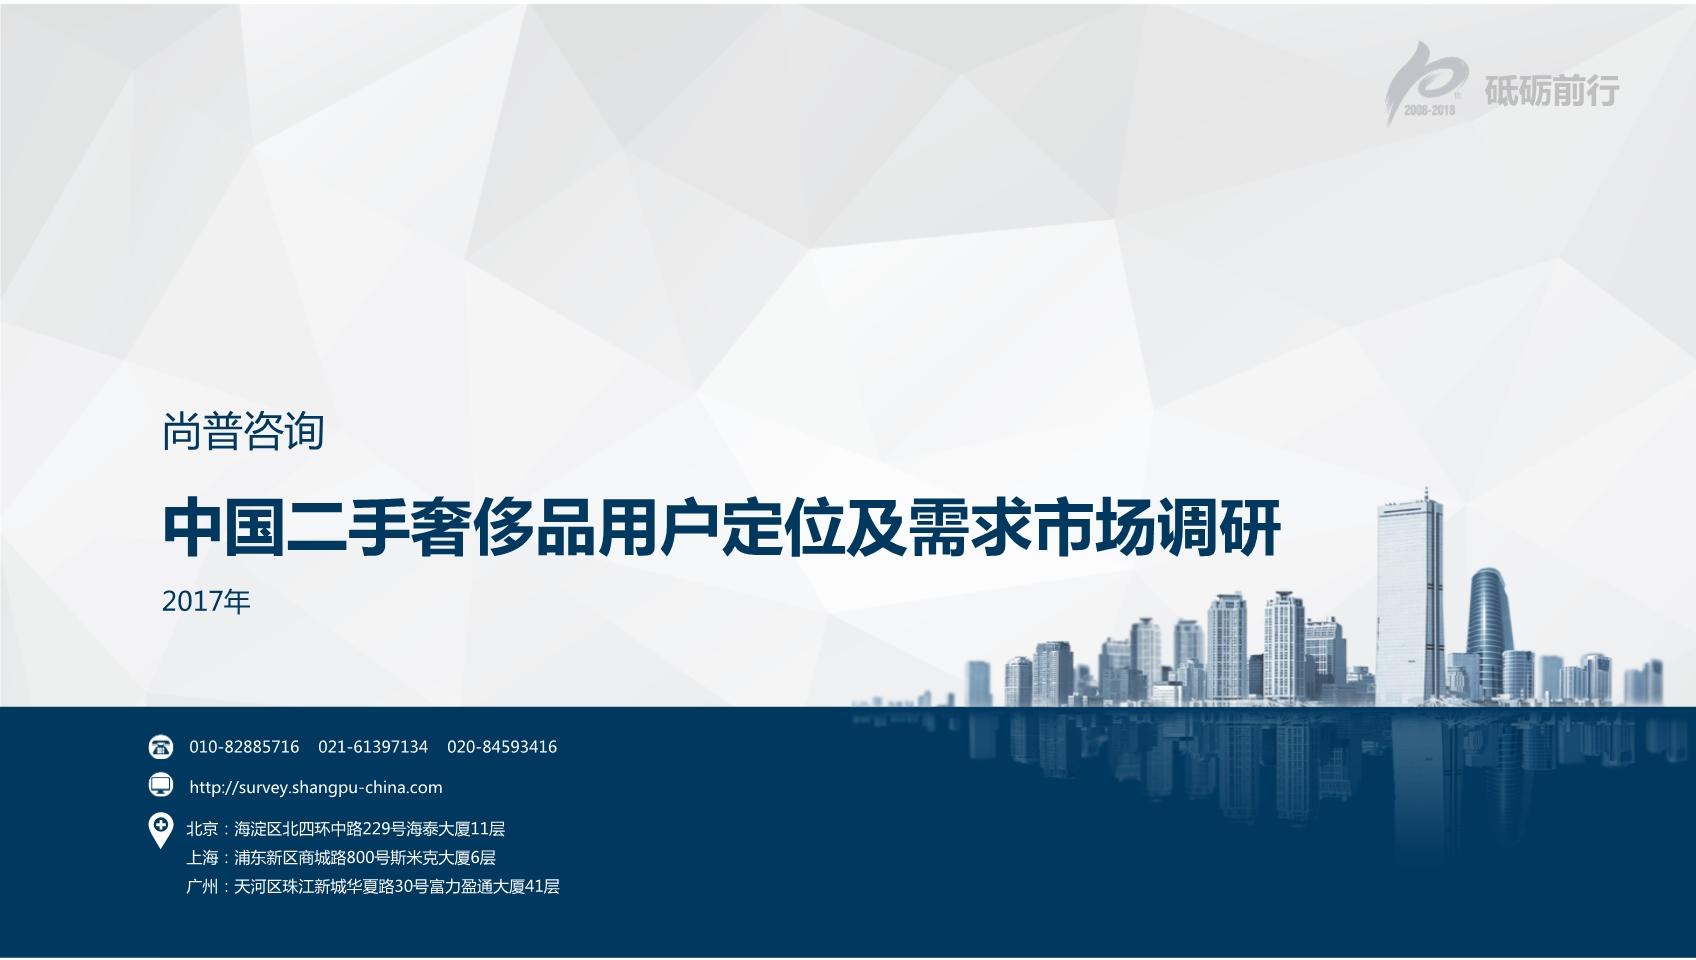 尚普咨询-中国二手奢侈品用户定位及需求市场调研